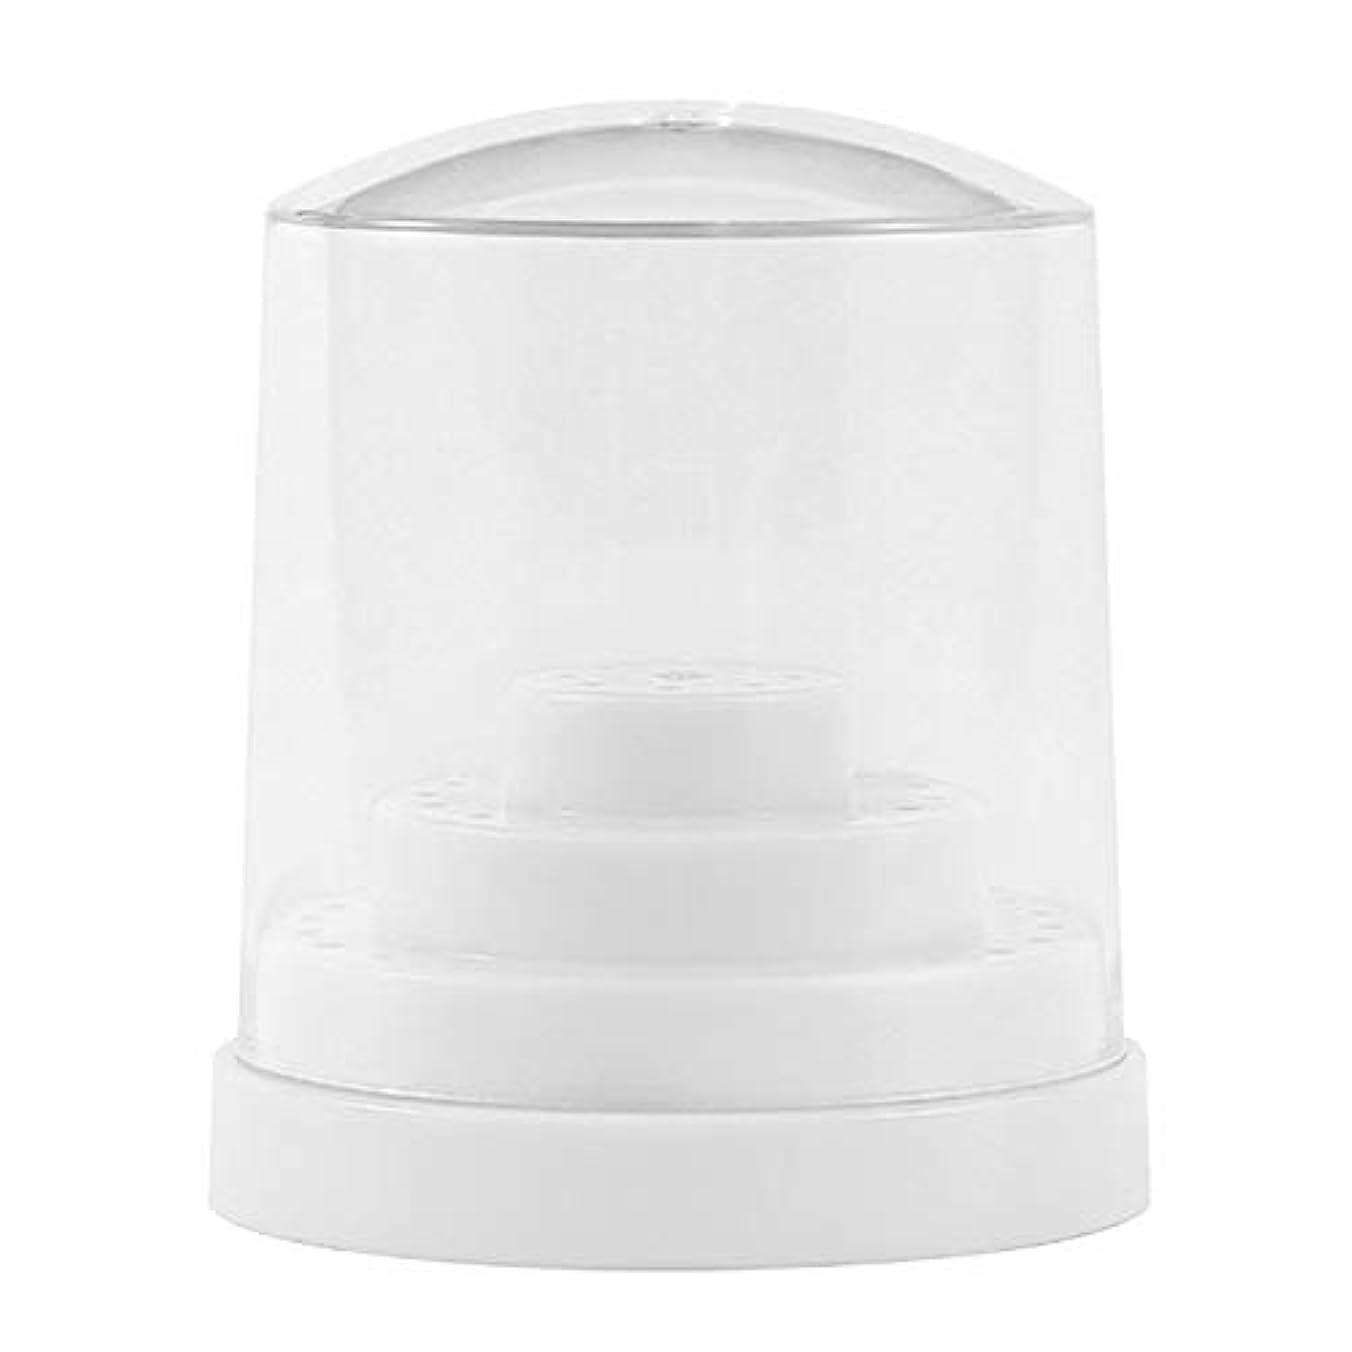 免疫するパケット強度CUTICATE ネイルドリル カーバイド合金 ネイルアート ネイル道具 研磨 ドリル収納ケース 三層48穴収納 - ホワイト